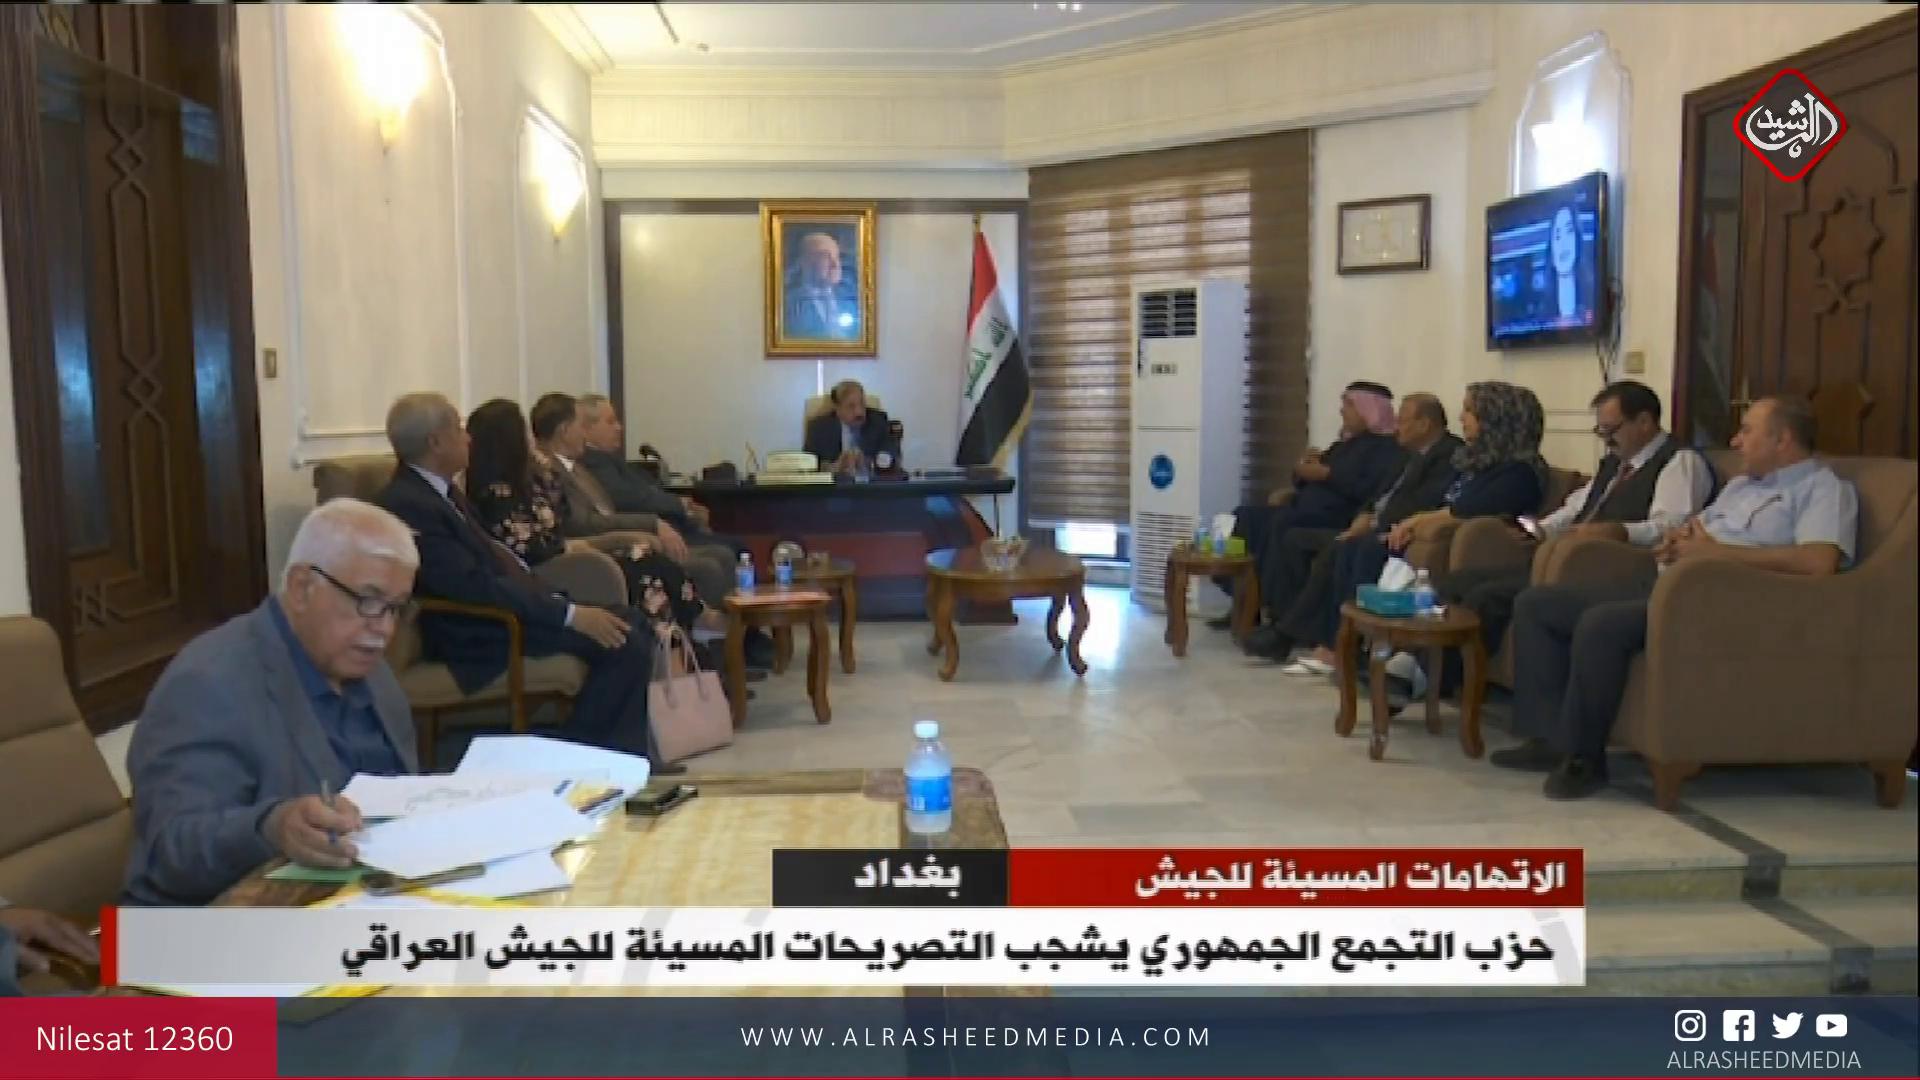 حزب التجمع الجمهوري يشجب التصريحات المسيئة للجيش العراقي